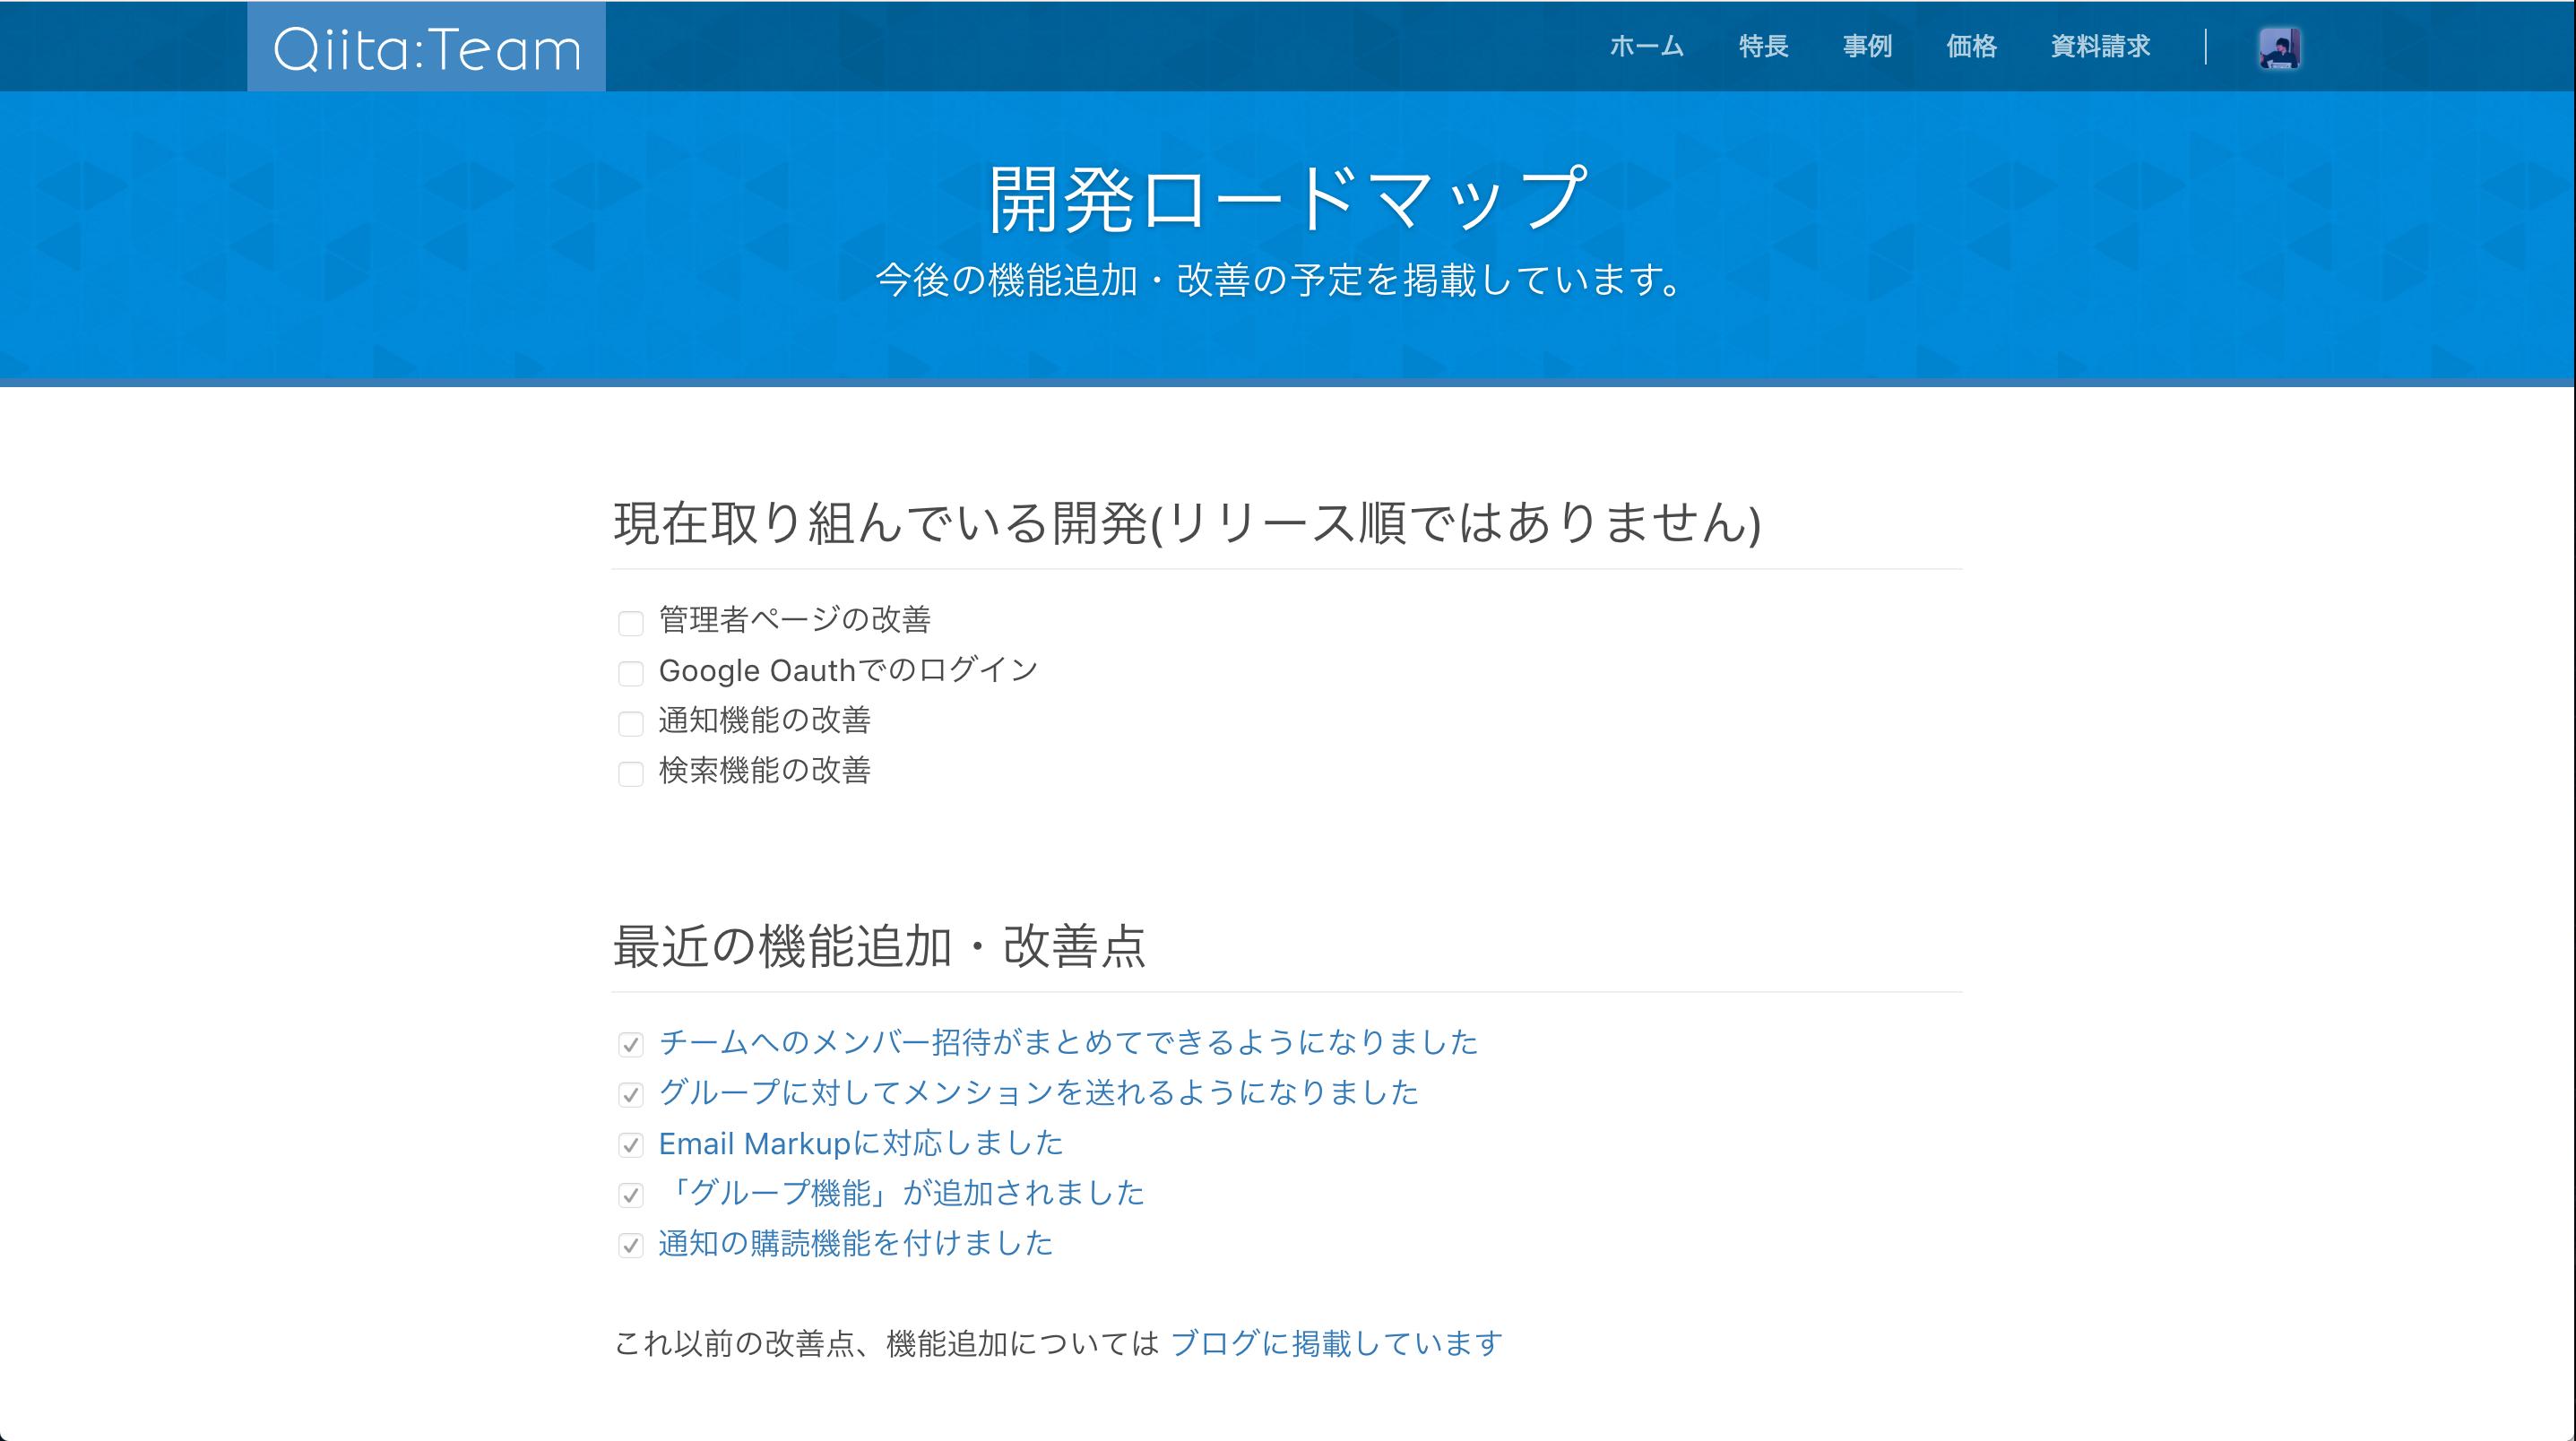 スクリーンショット 2016-09-15 18.44.38.png